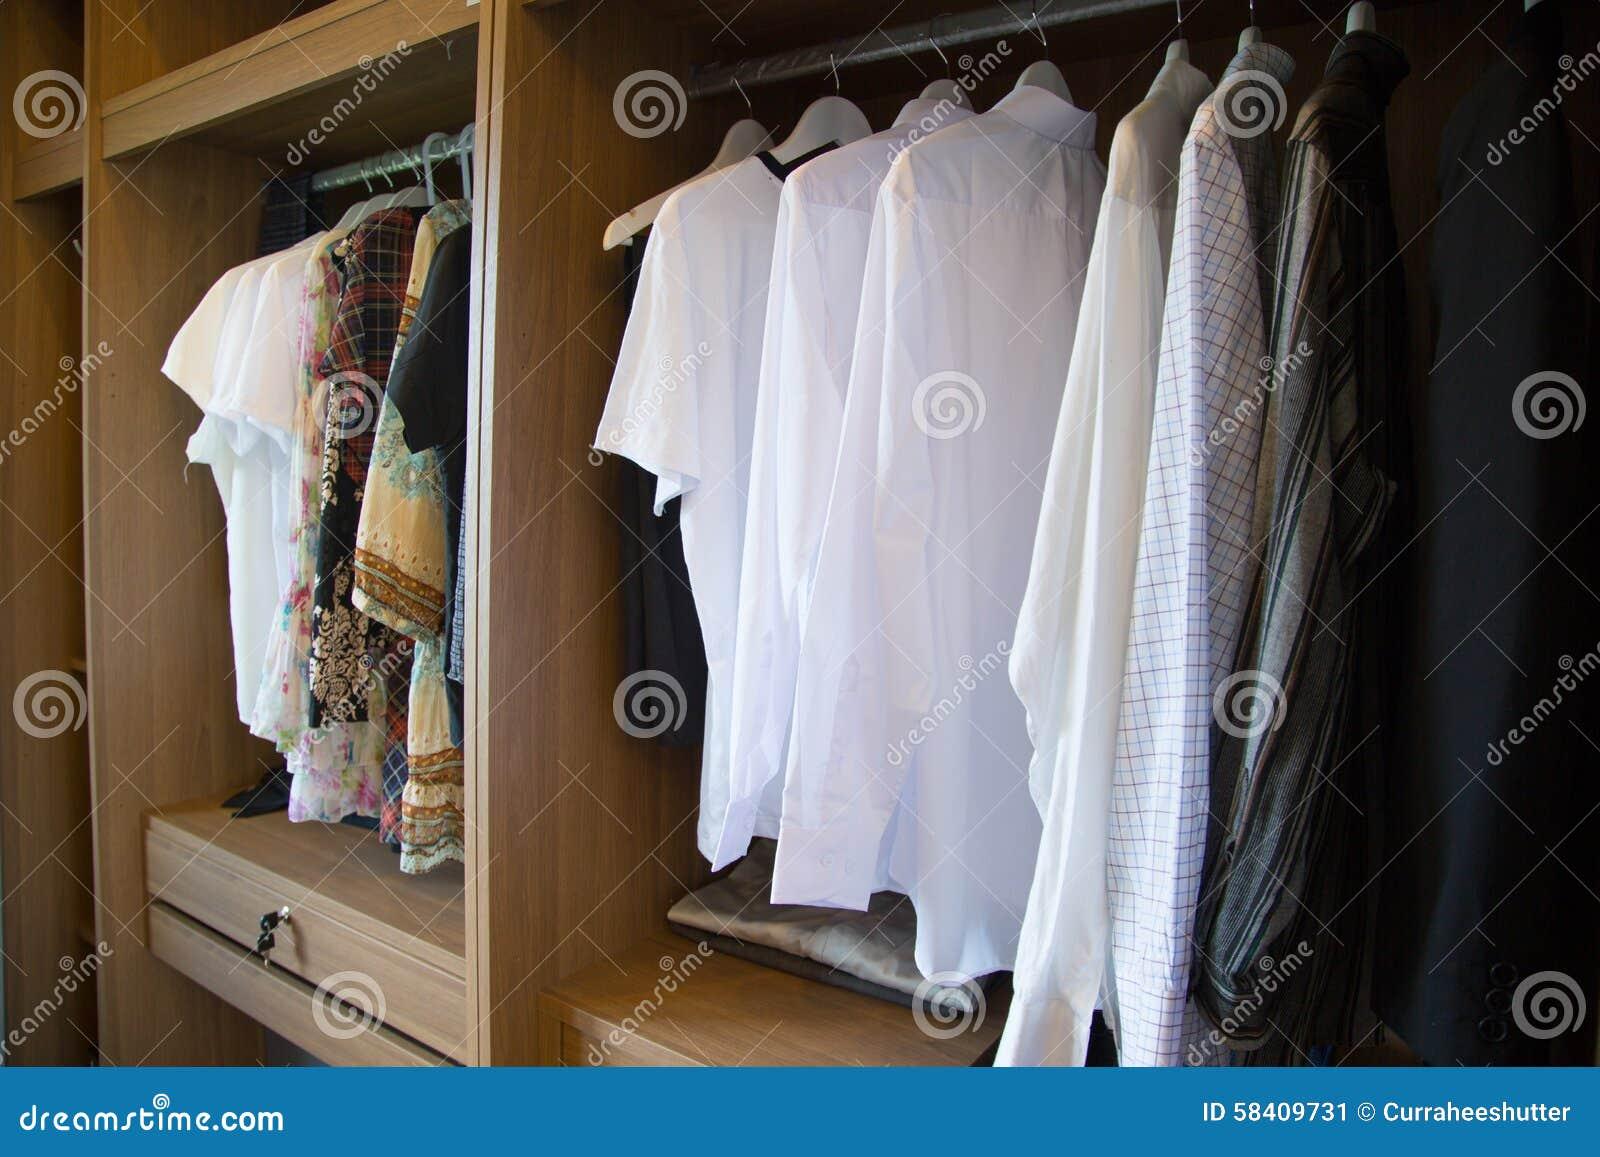 La ropa cuelga en un estante en la ropa de un diseñador tienda, armario moderno con la fila de los paños que cuelgan en guardarro